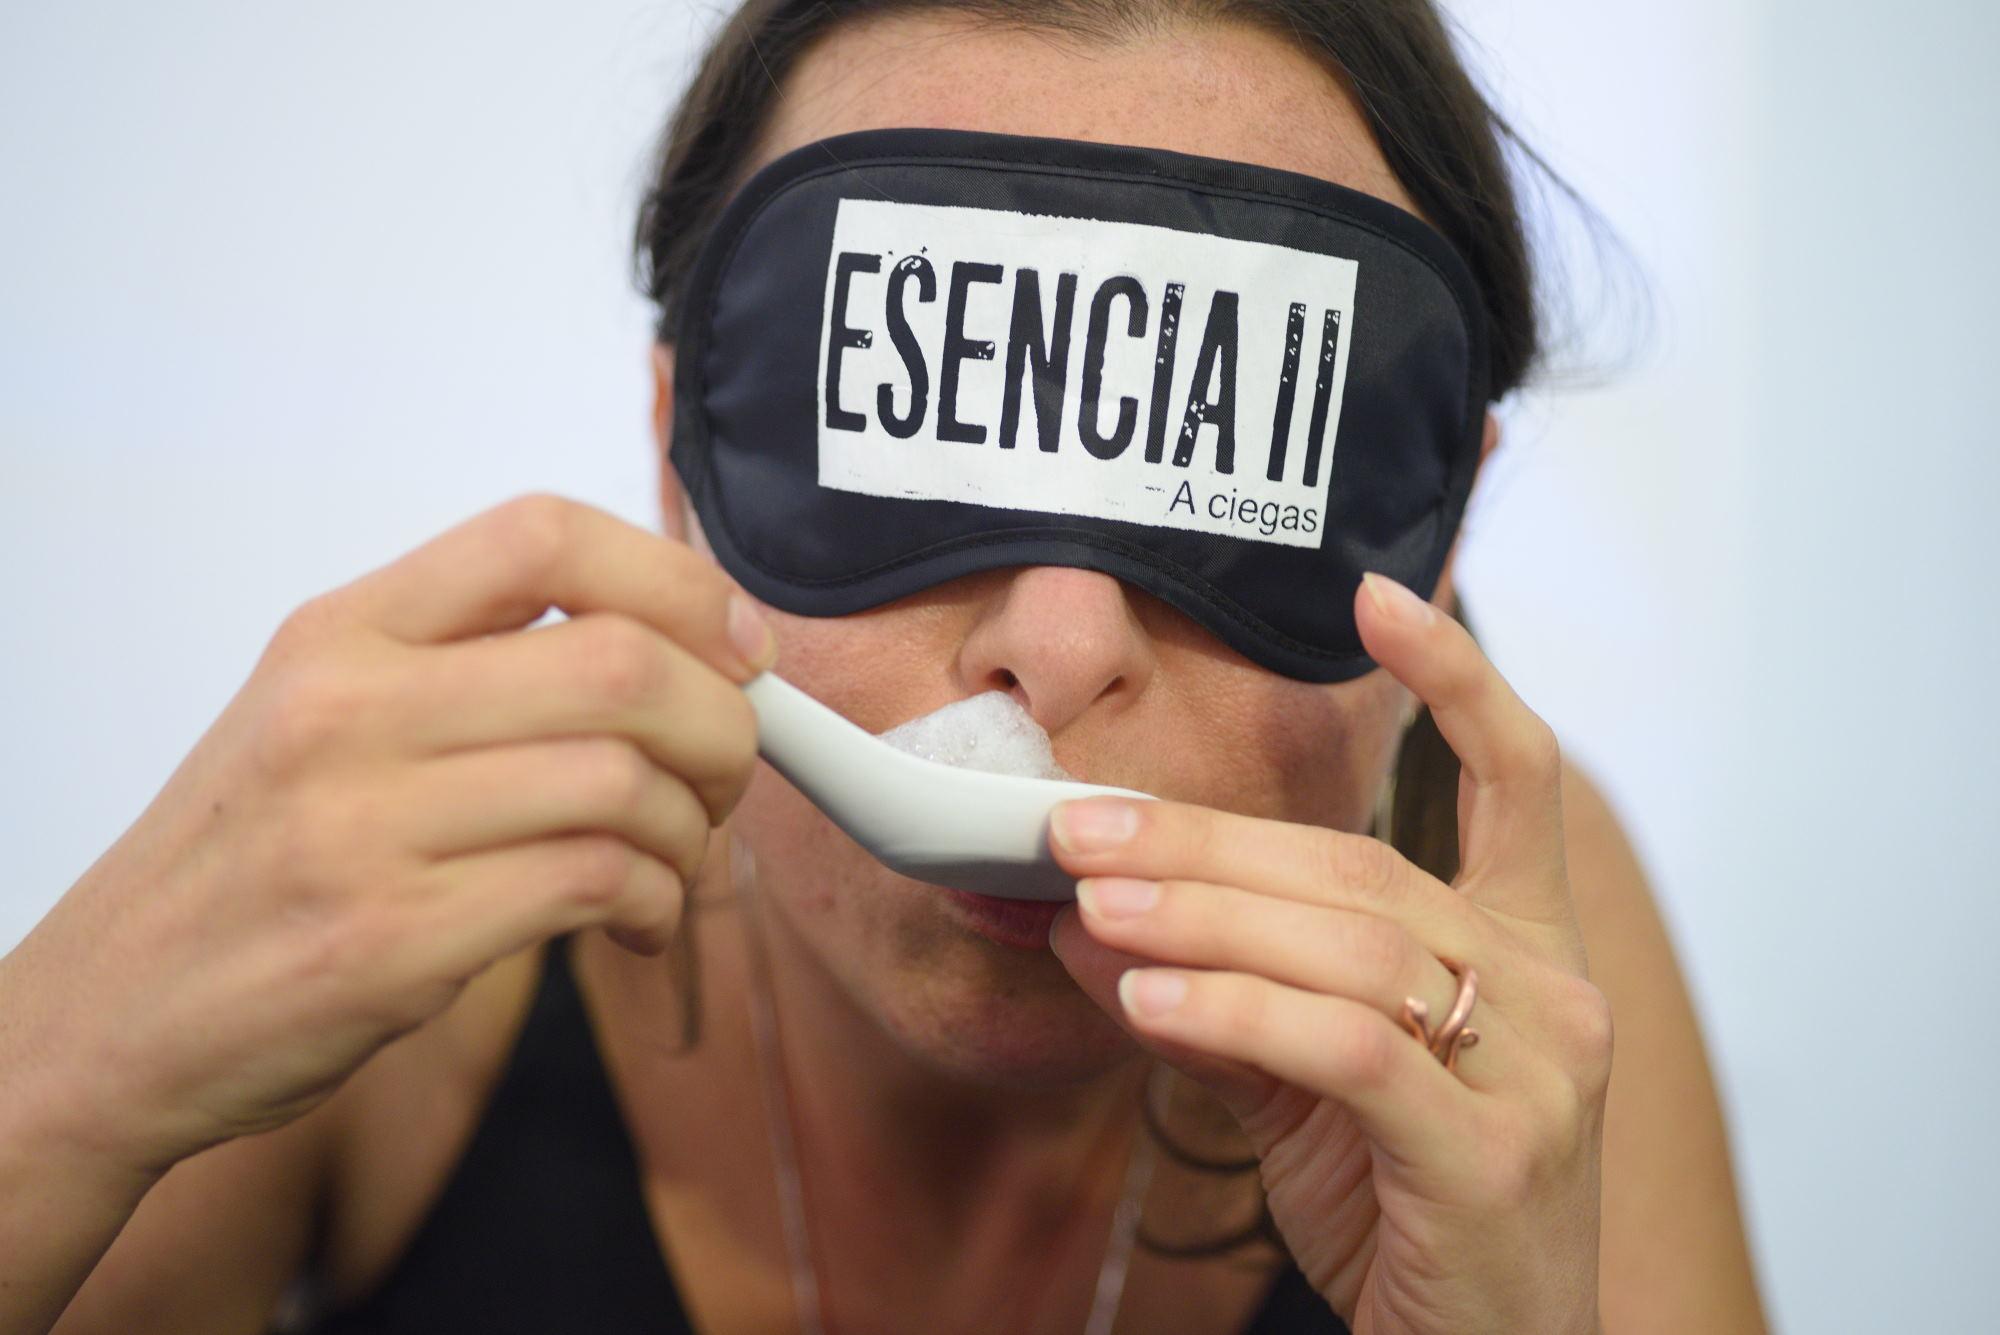 161109_esencia_030_aciegas